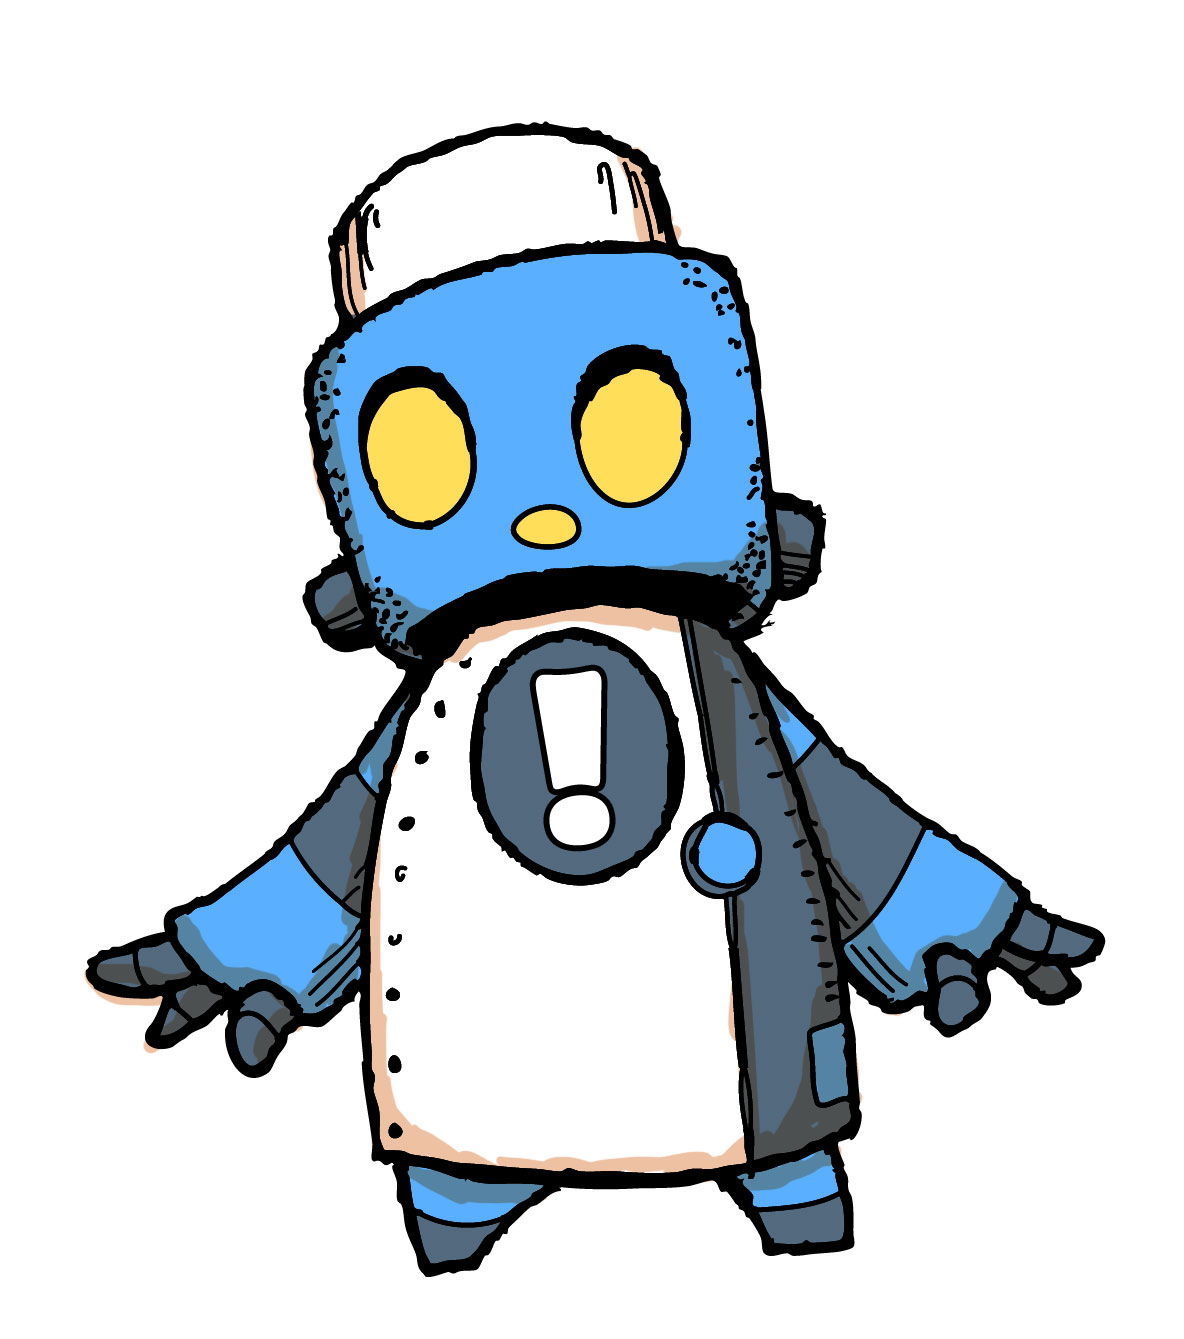 wee-bots-coloring_10.jpg